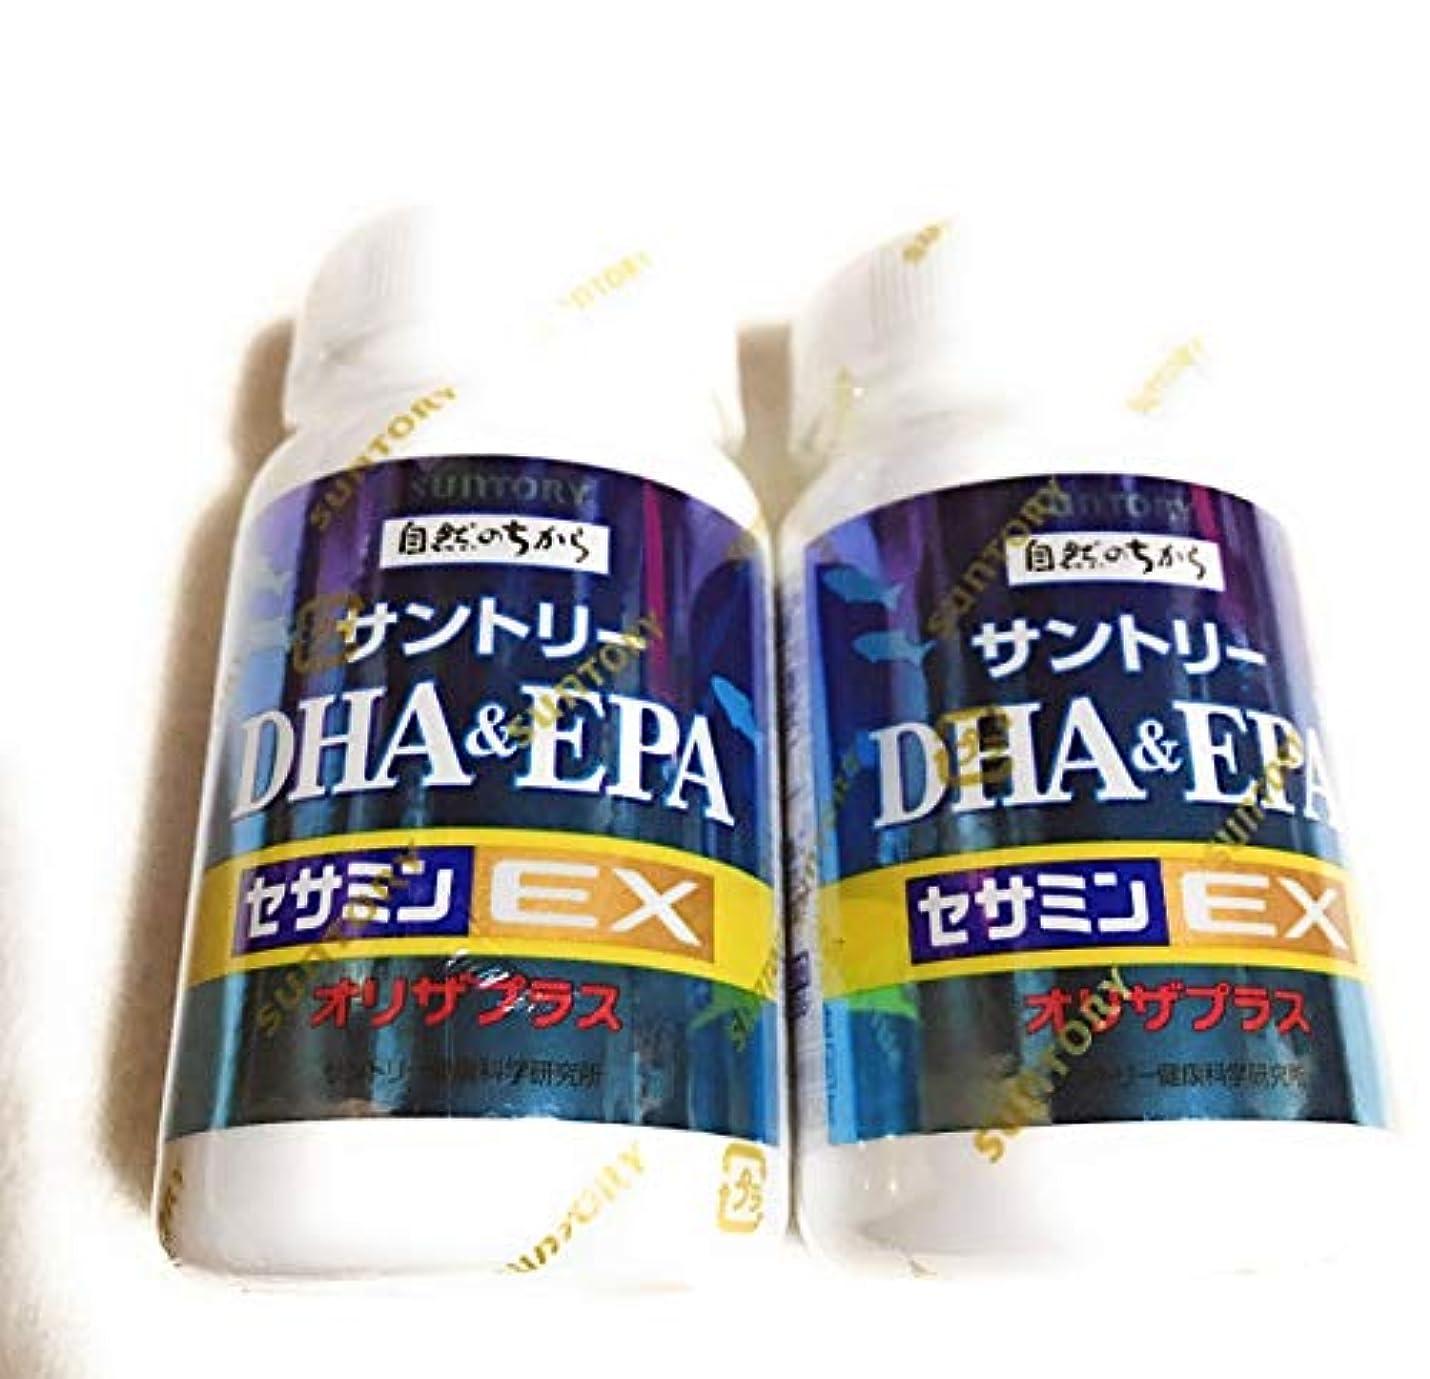 間接的気づかないフレットサントリー DHA&EPA+セサミンEX 120粒 2本セット